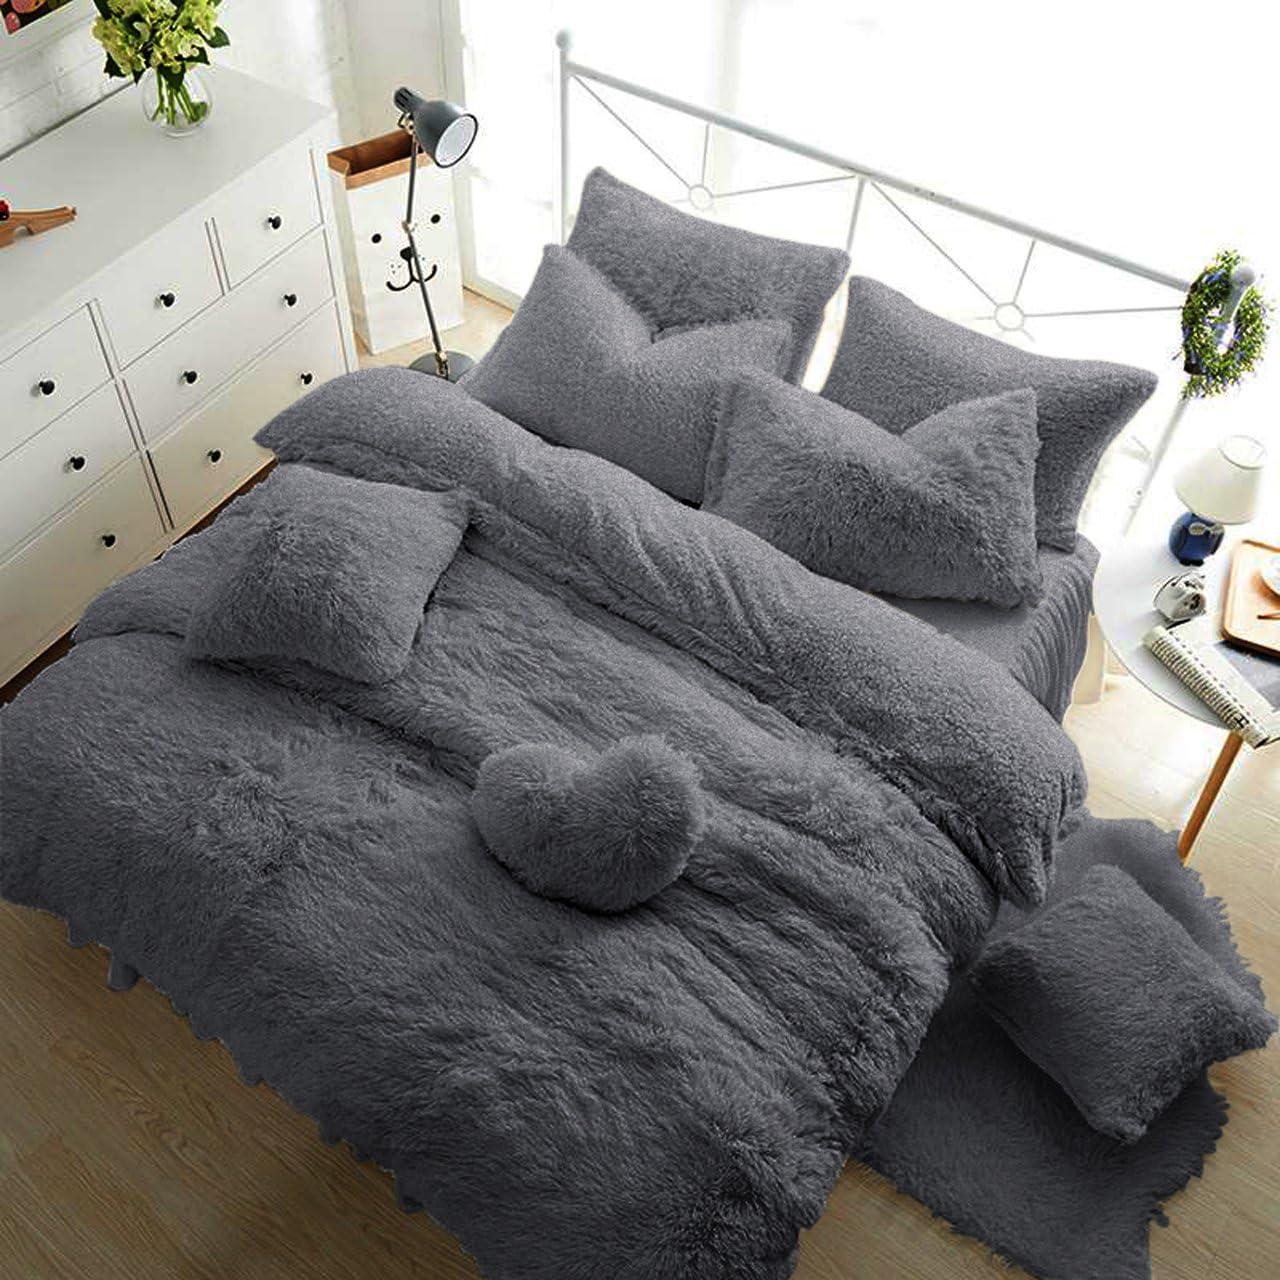 Teddy Fleece Duvet Cover with Pillow